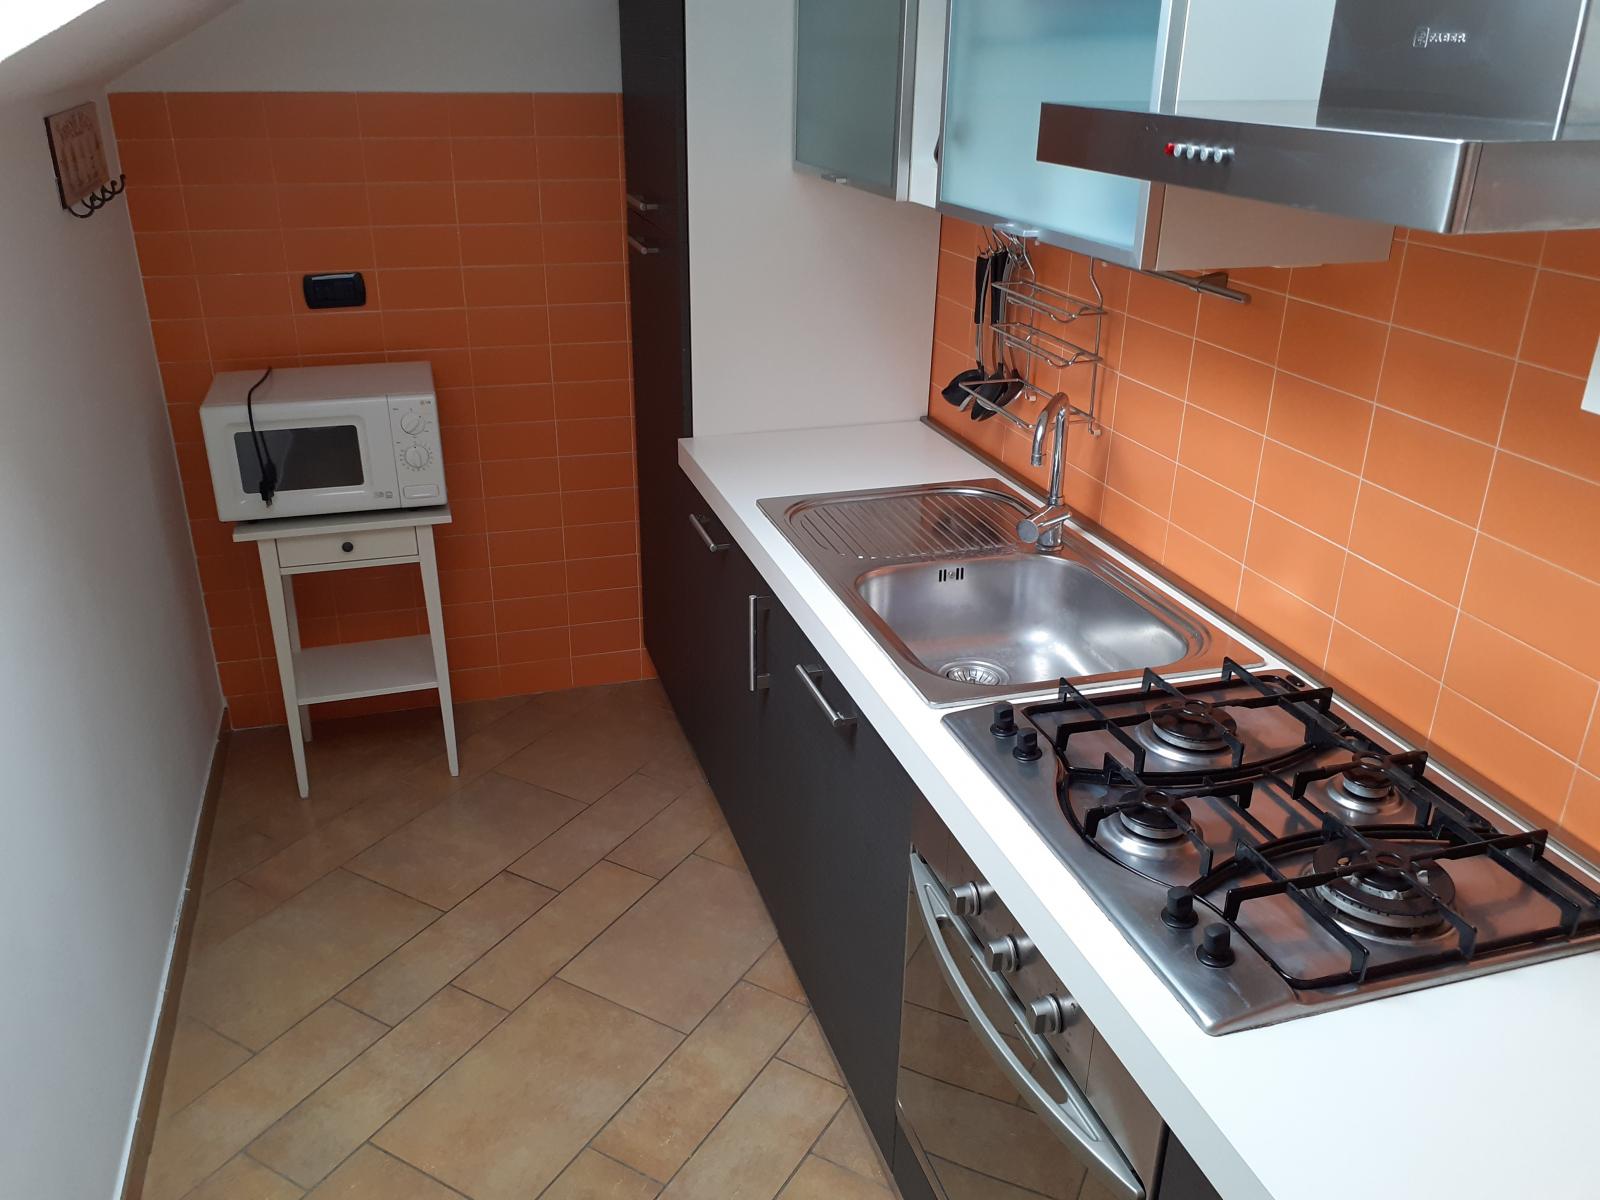 appartamento-in-vendita-bareggio-2-locali-bilocale-spaziourbano-immobiliare-vende-11